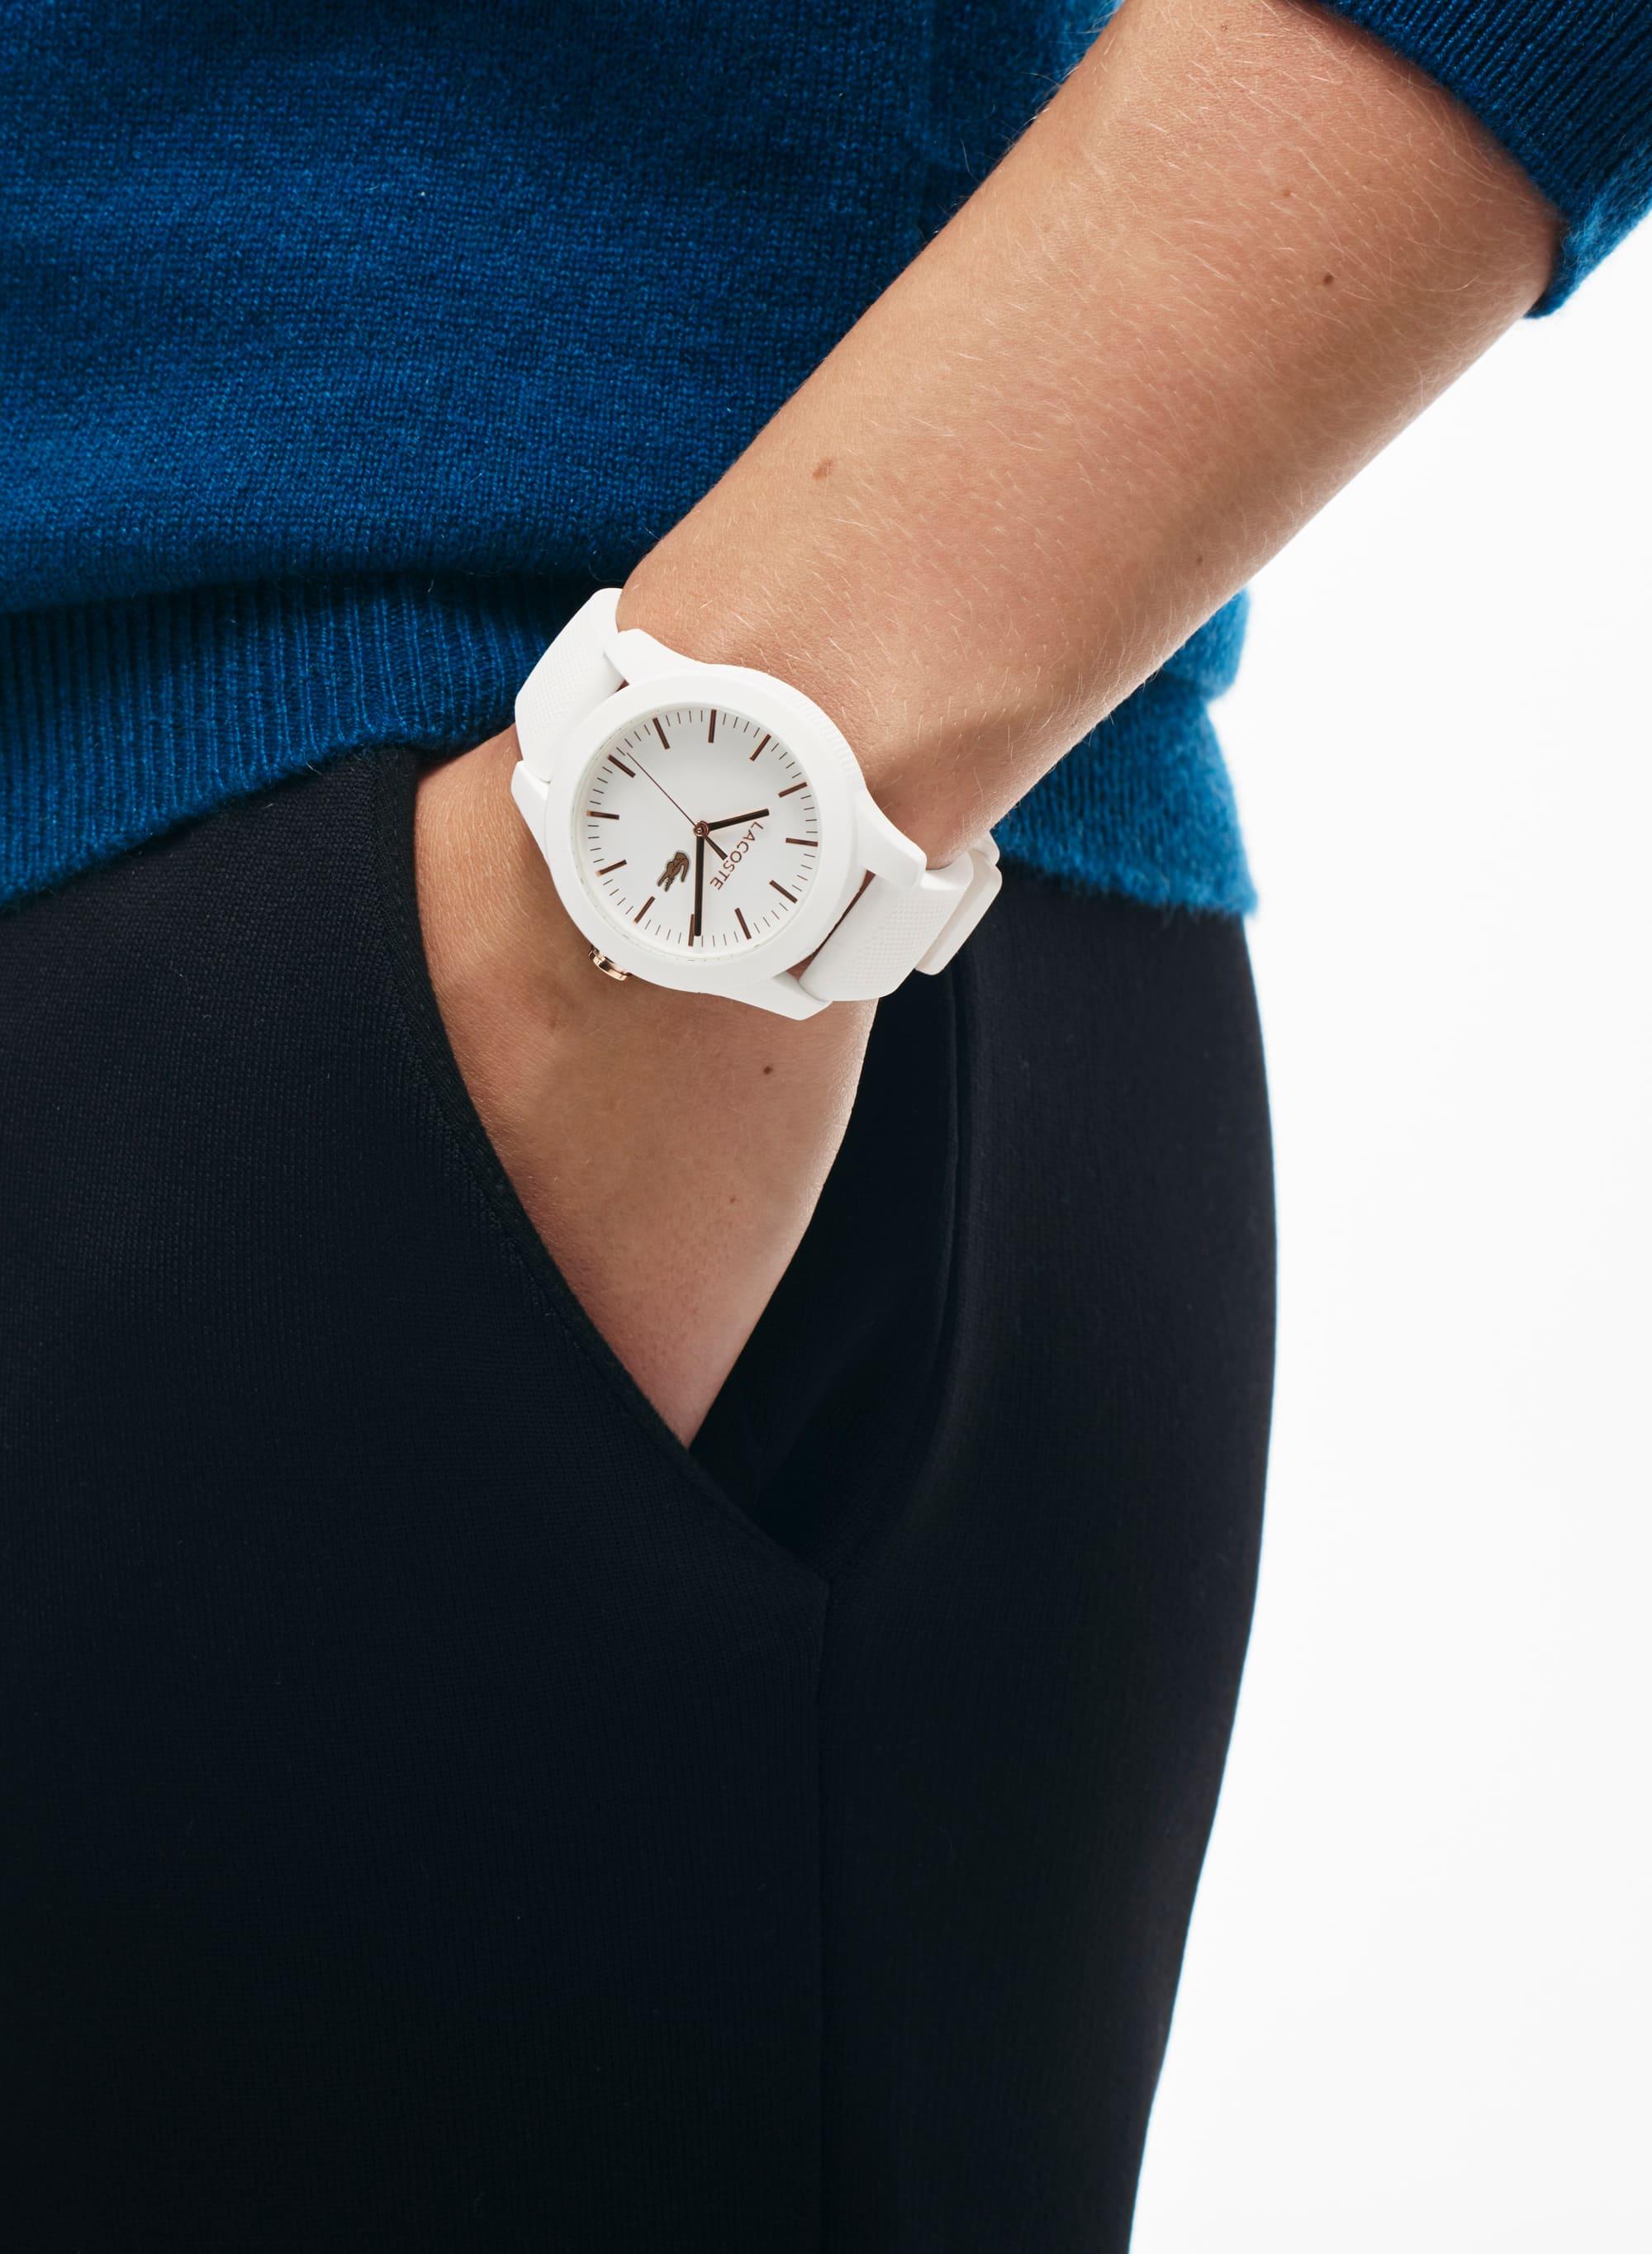 Orologio Lacoste 12.12 da donna con cinturino in silicone bianco